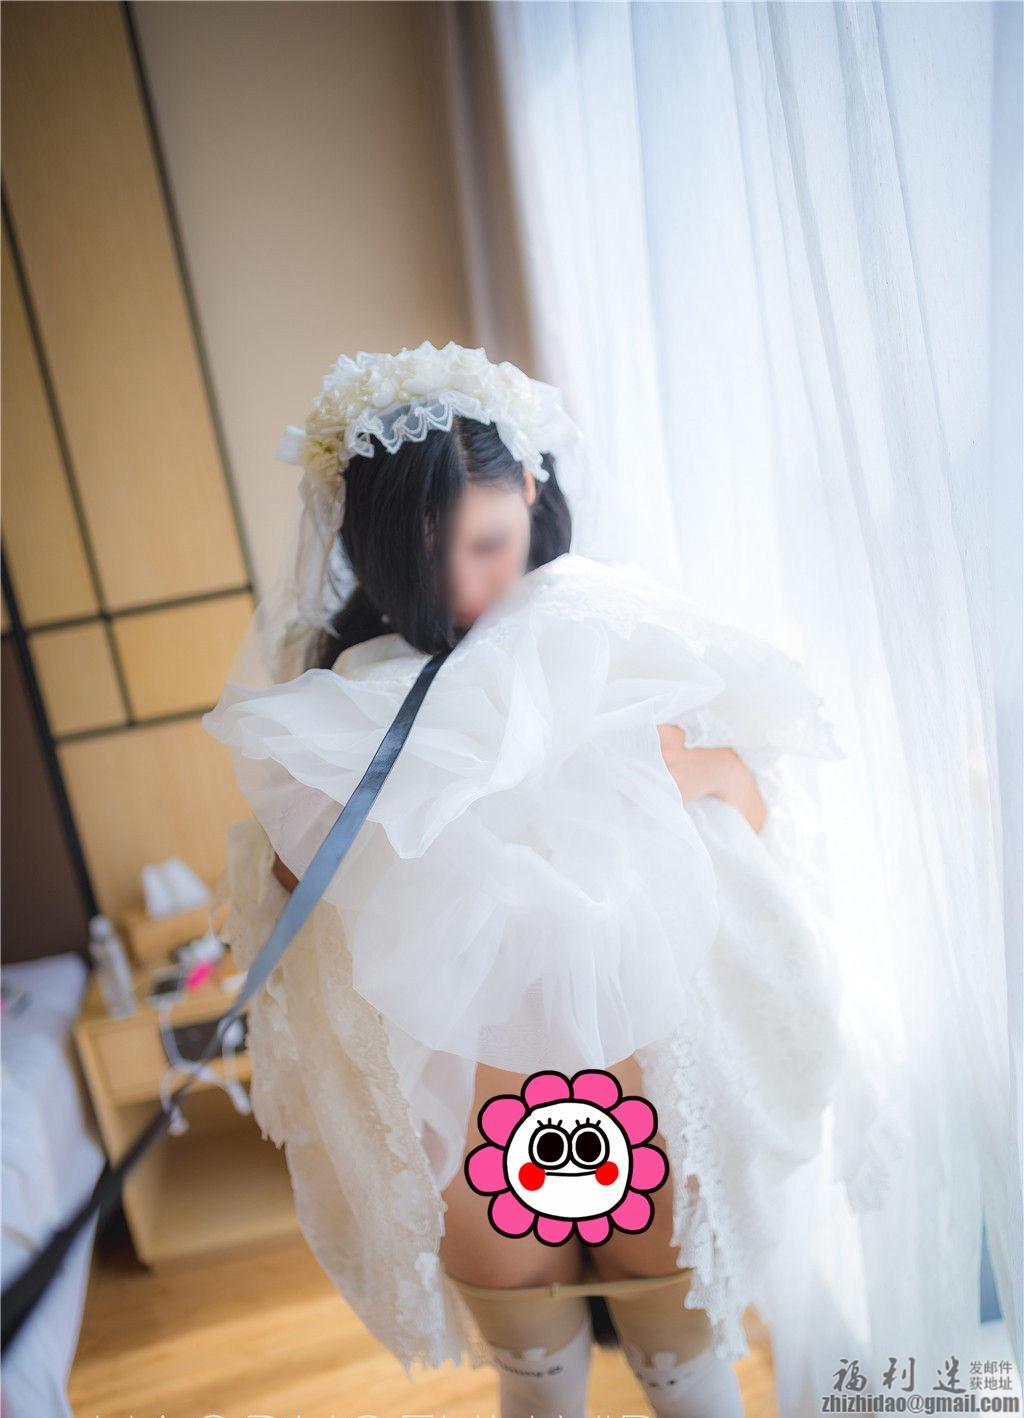 极品柚木写真系列之花嫁调教[26P/372MB]